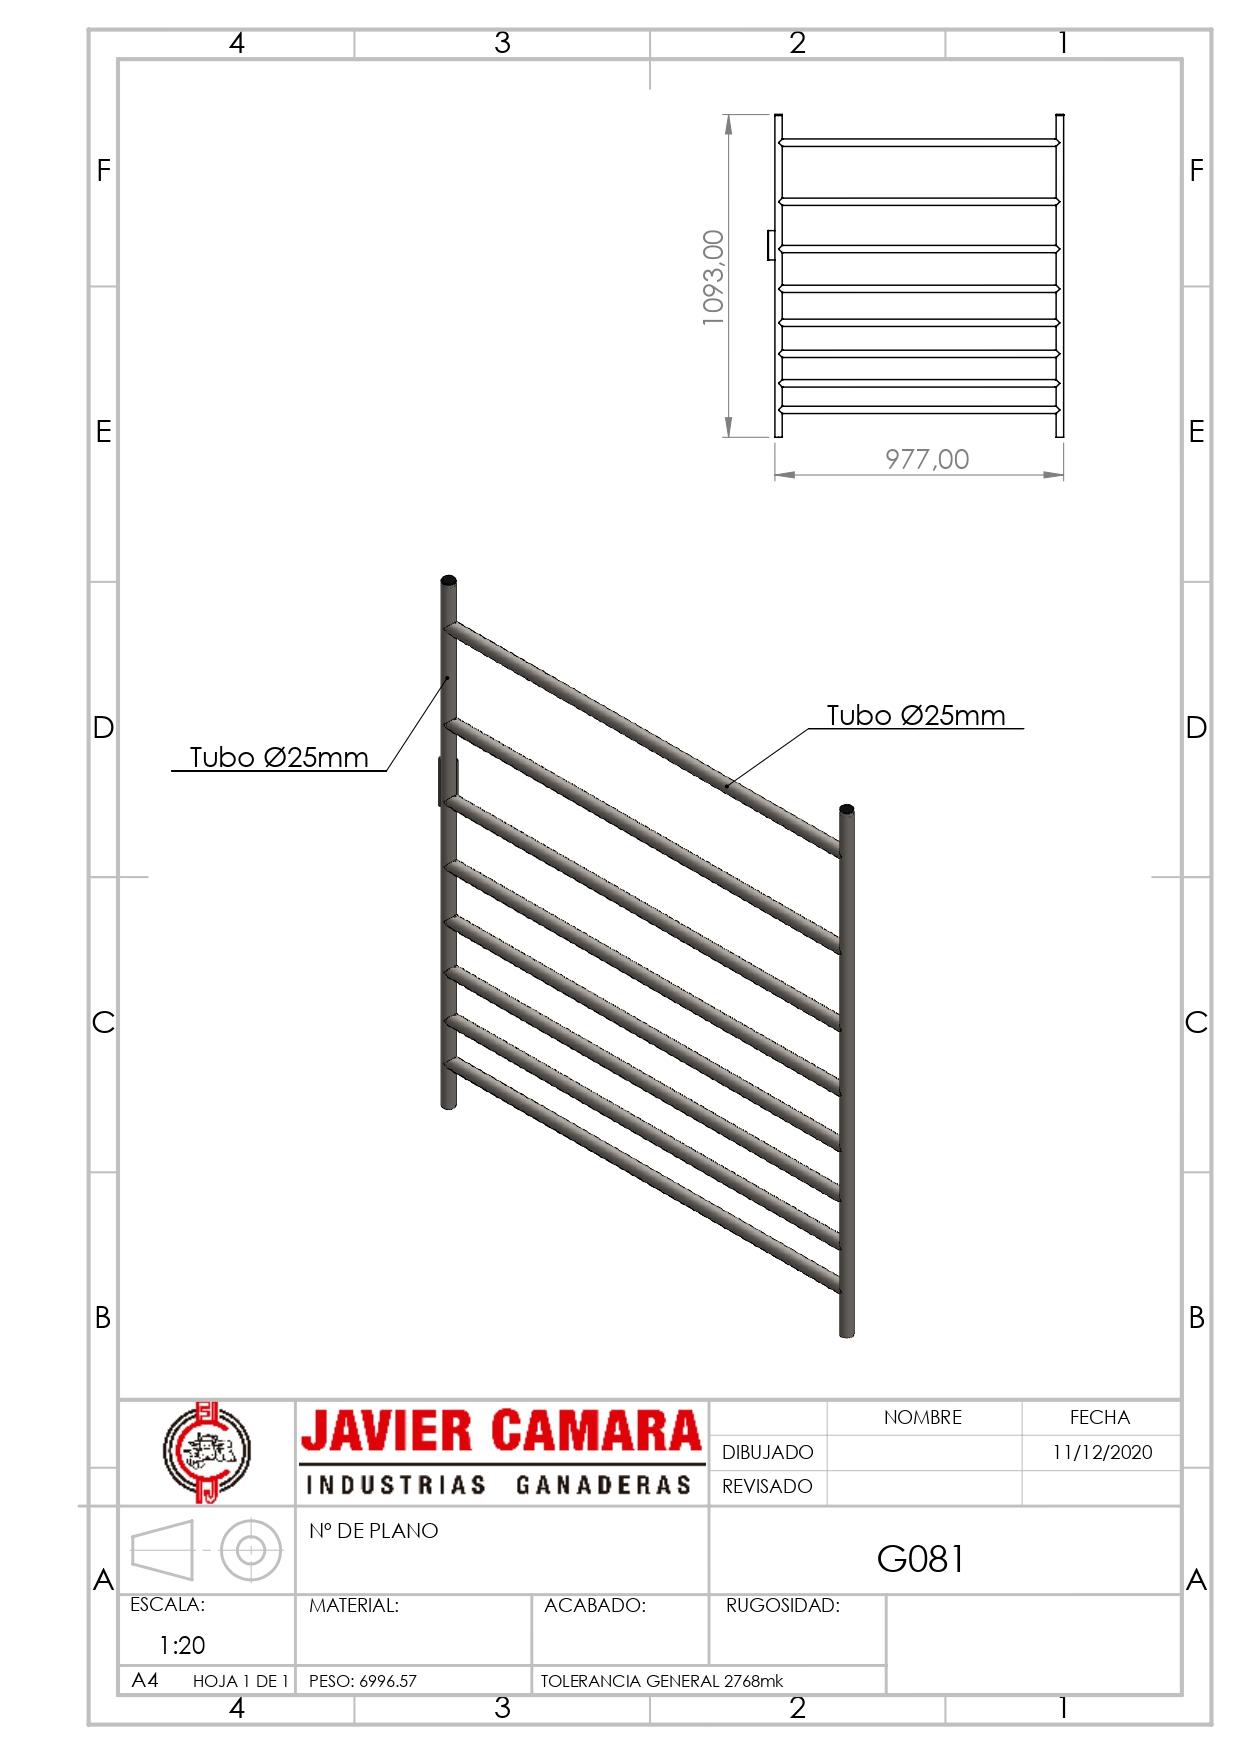 Javier Camara G008 - Componentes (1) - 2